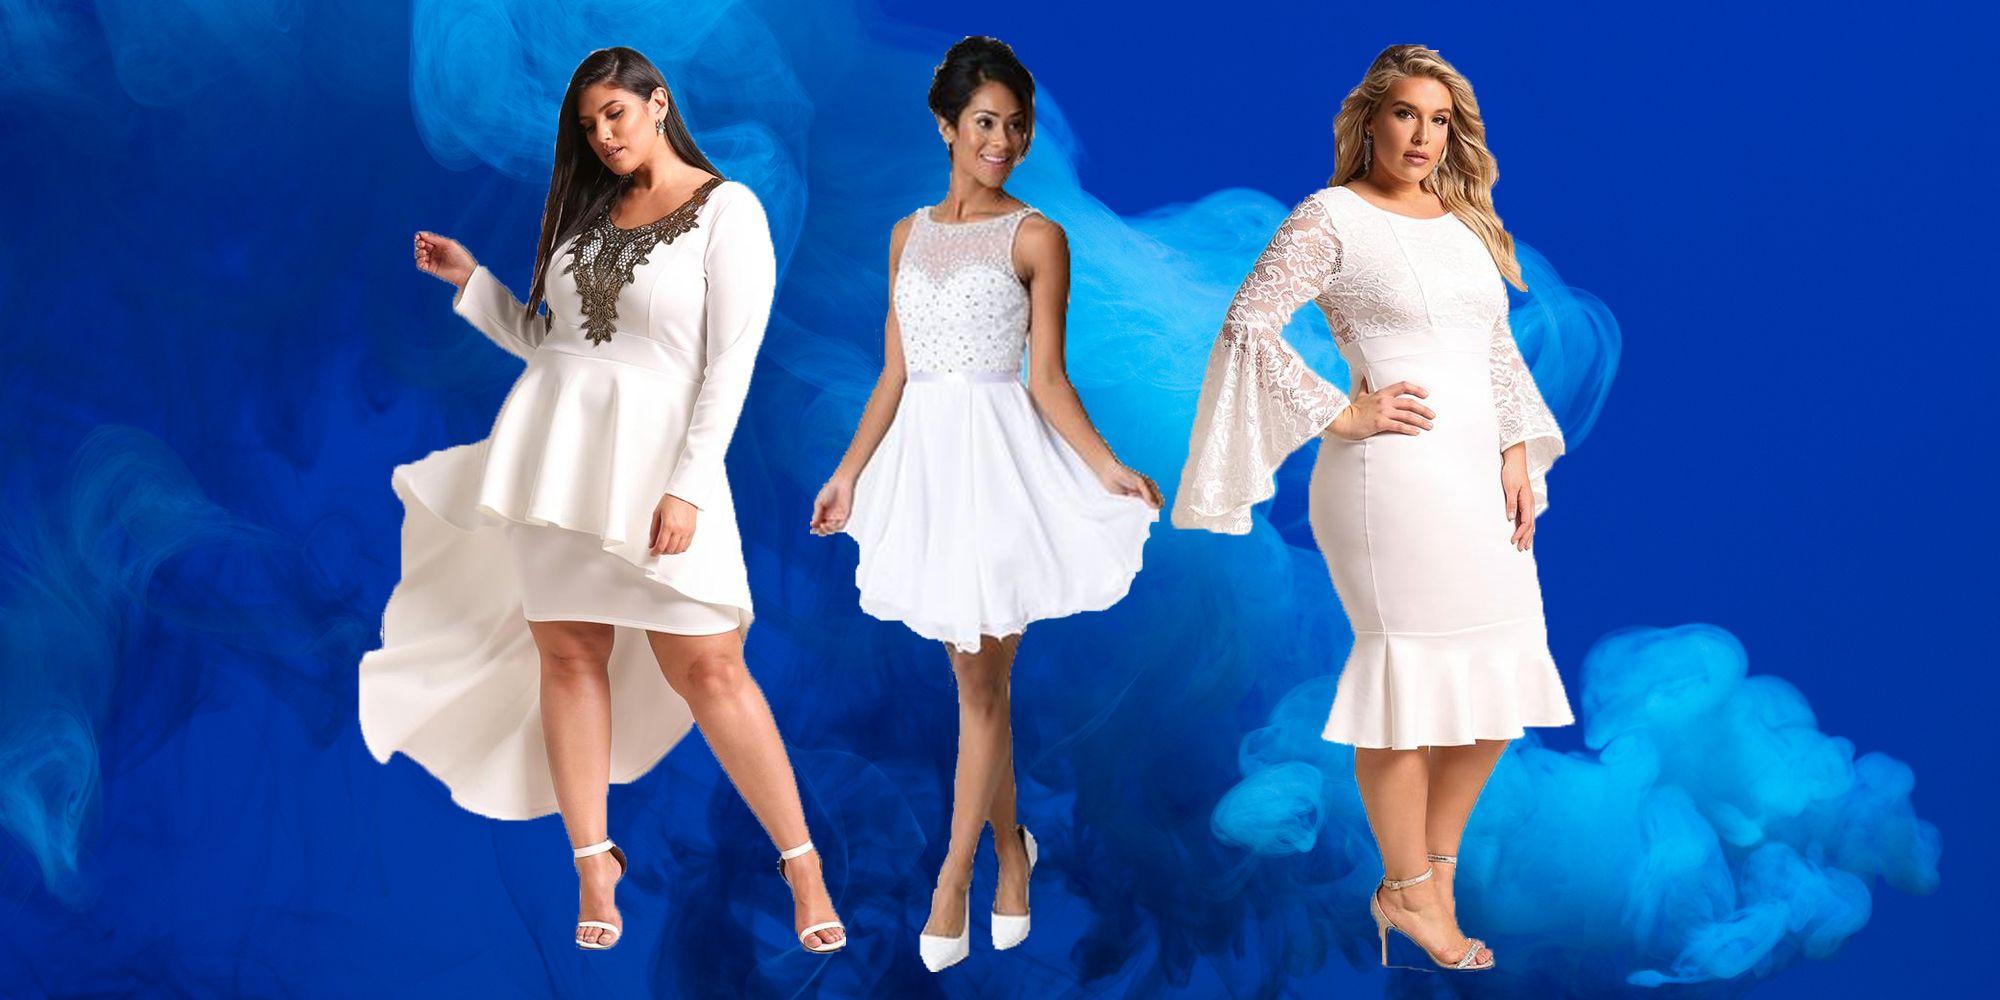 Instagram Prom Dresses for Fancy Night